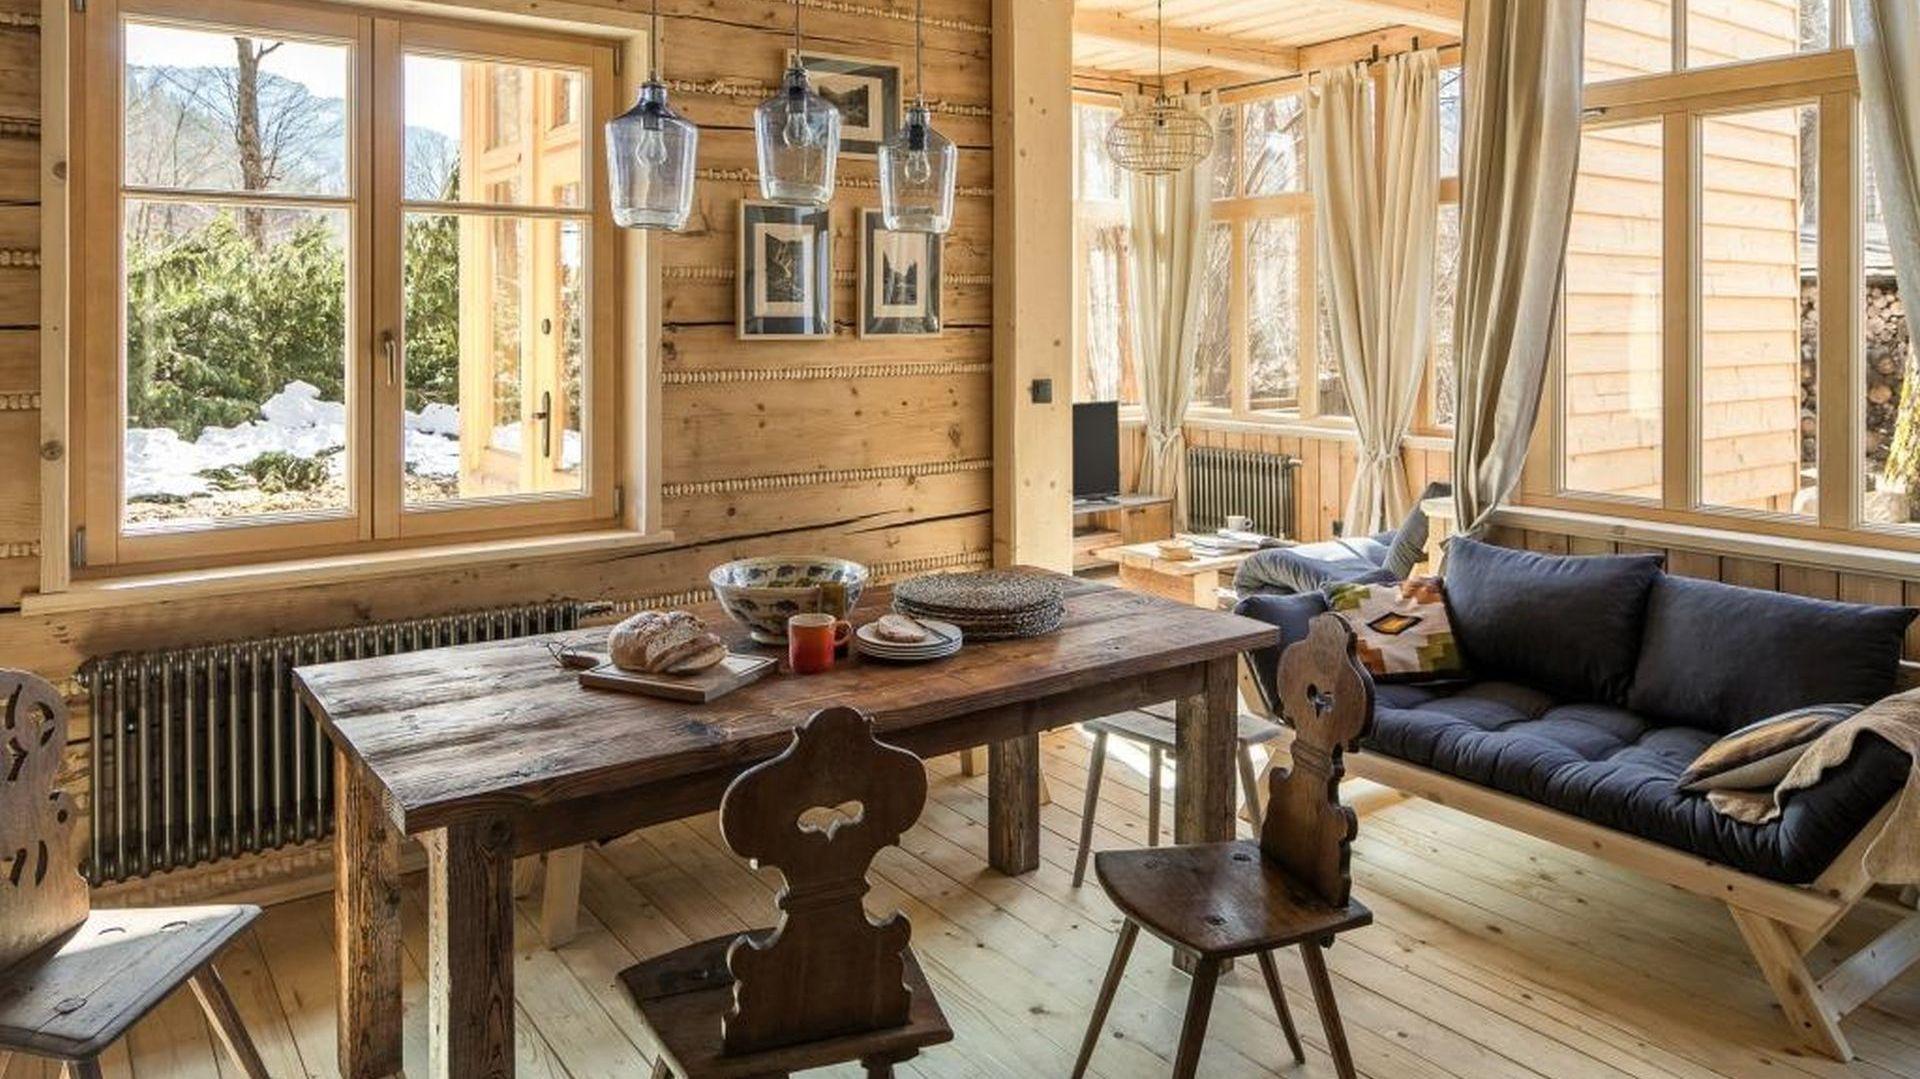 Starannie dobrane elementy wystroju i detale napełniają dom specyficzną, przyjemną aurą. W